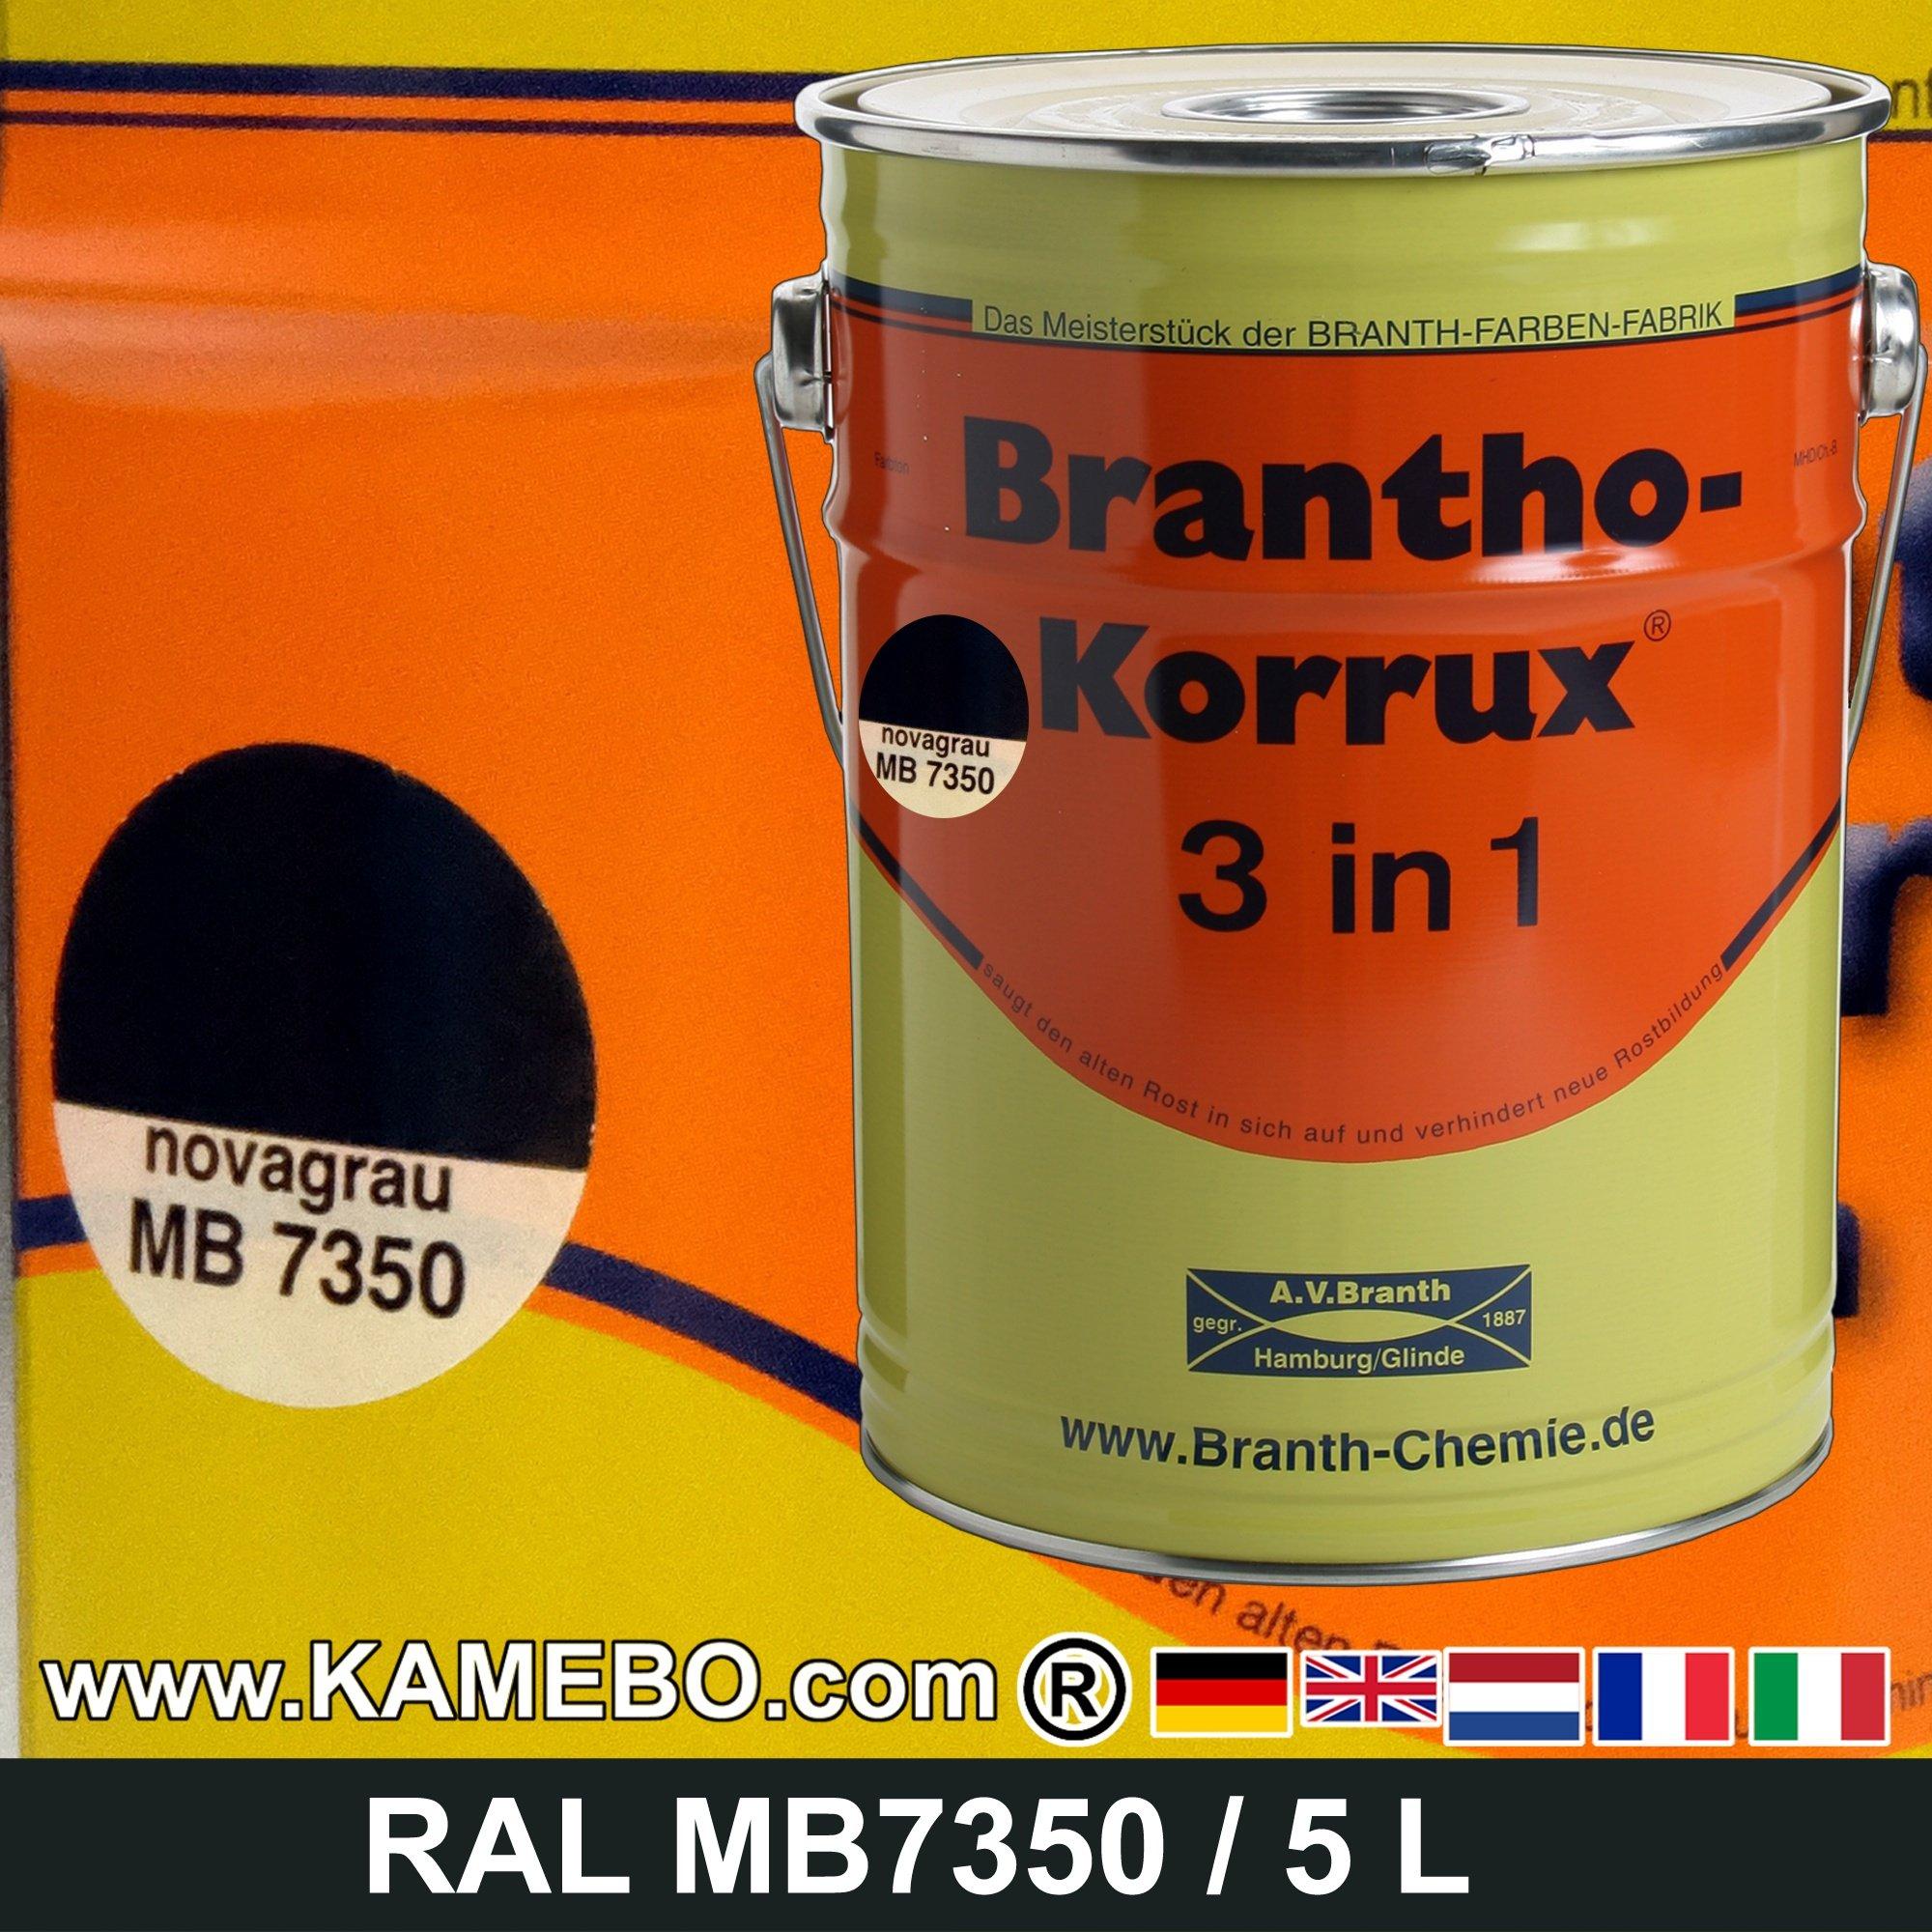 brantho korrux 3in1 peinture antirouille nova gris pour. Black Bedroom Furniture Sets. Home Design Ideas